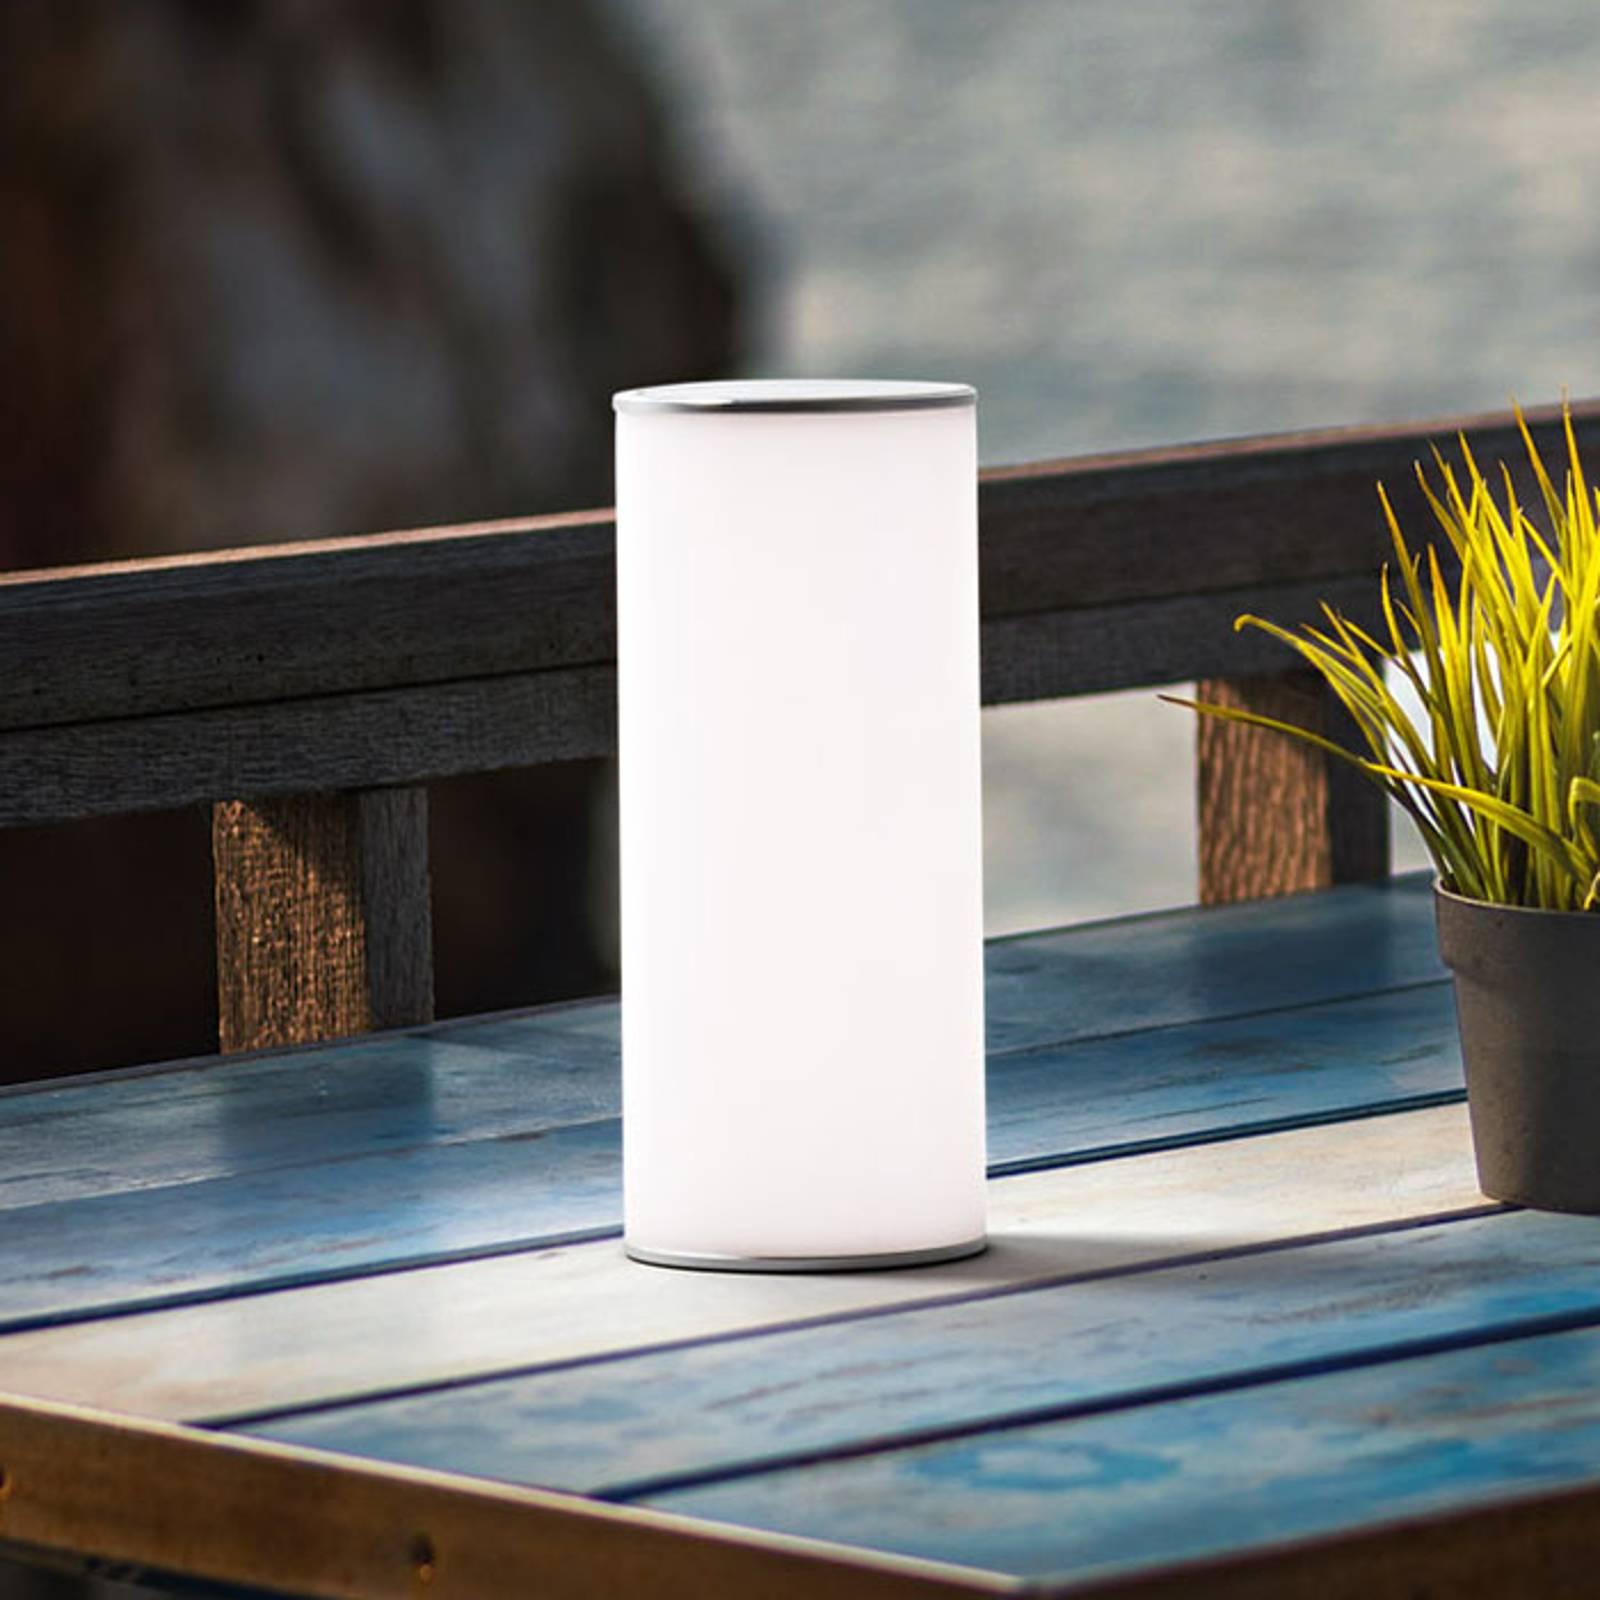 LED tafellamp Thalia met omkeerbaar licht, wit